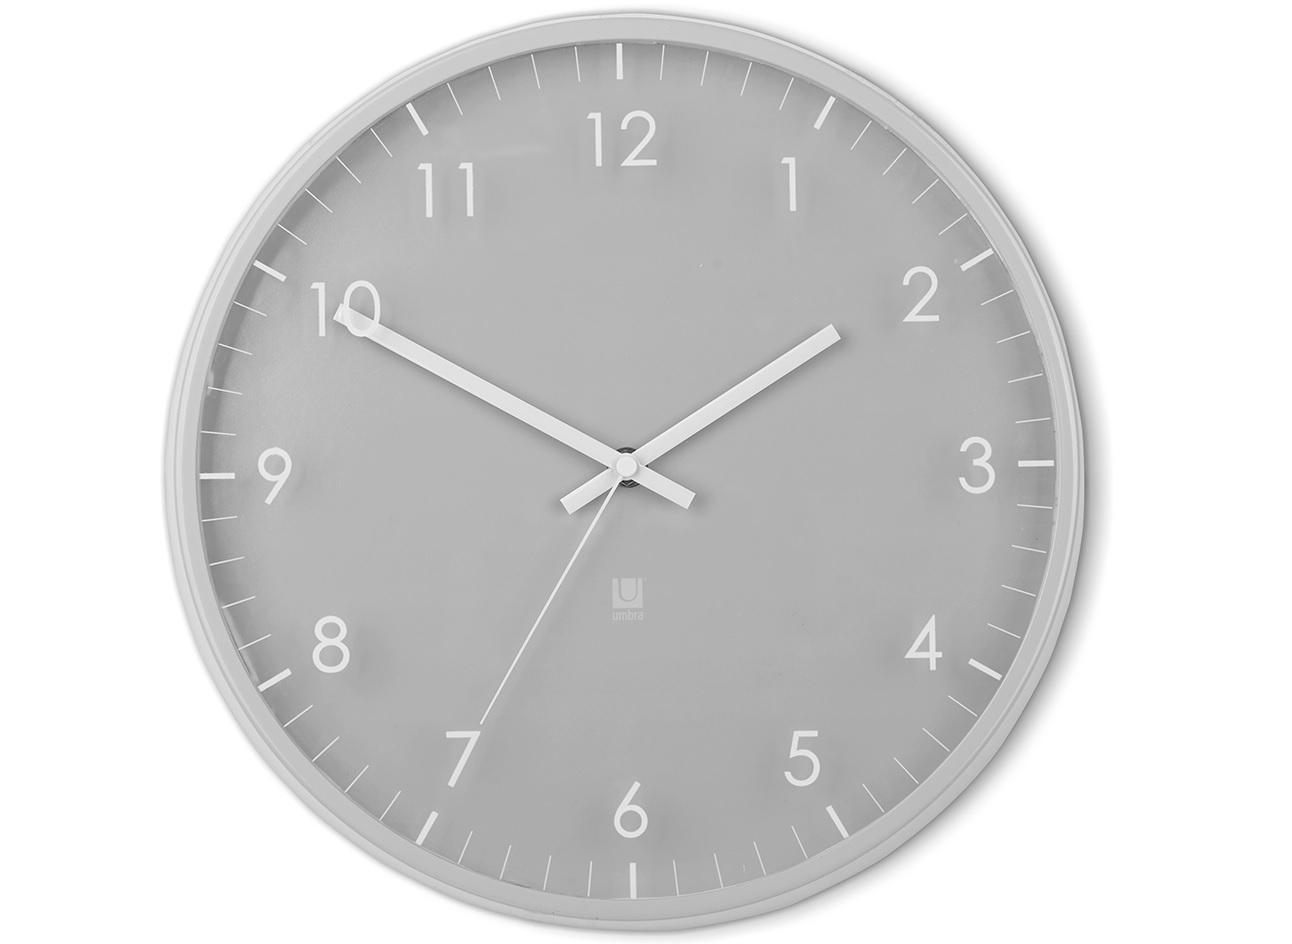 Часы настенные PaceНастенные часы<br>Настенные часы с незаметной на первый взгляд, но весьма оригинальной деталью: цифры и деления нарисованы не на циферблате, а на наружнем стекле. Обрамлены металлическим ободом.&amp;lt;div&amp;gt;&amp;lt;br&amp;gt;&amp;lt;/div&amp;gt;&amp;lt;div&amp;gt;Работают от одной стандартной батарейки АА (в комплект не входит).&amp;lt;/div&amp;gt;&amp;lt;div&amp;gt;Дизайн: Umbra Studio&amp;lt;/div&amp;gt;<br><br>Material: Металл<br>Depth см: 3,8<br>Diameter см: 31,8